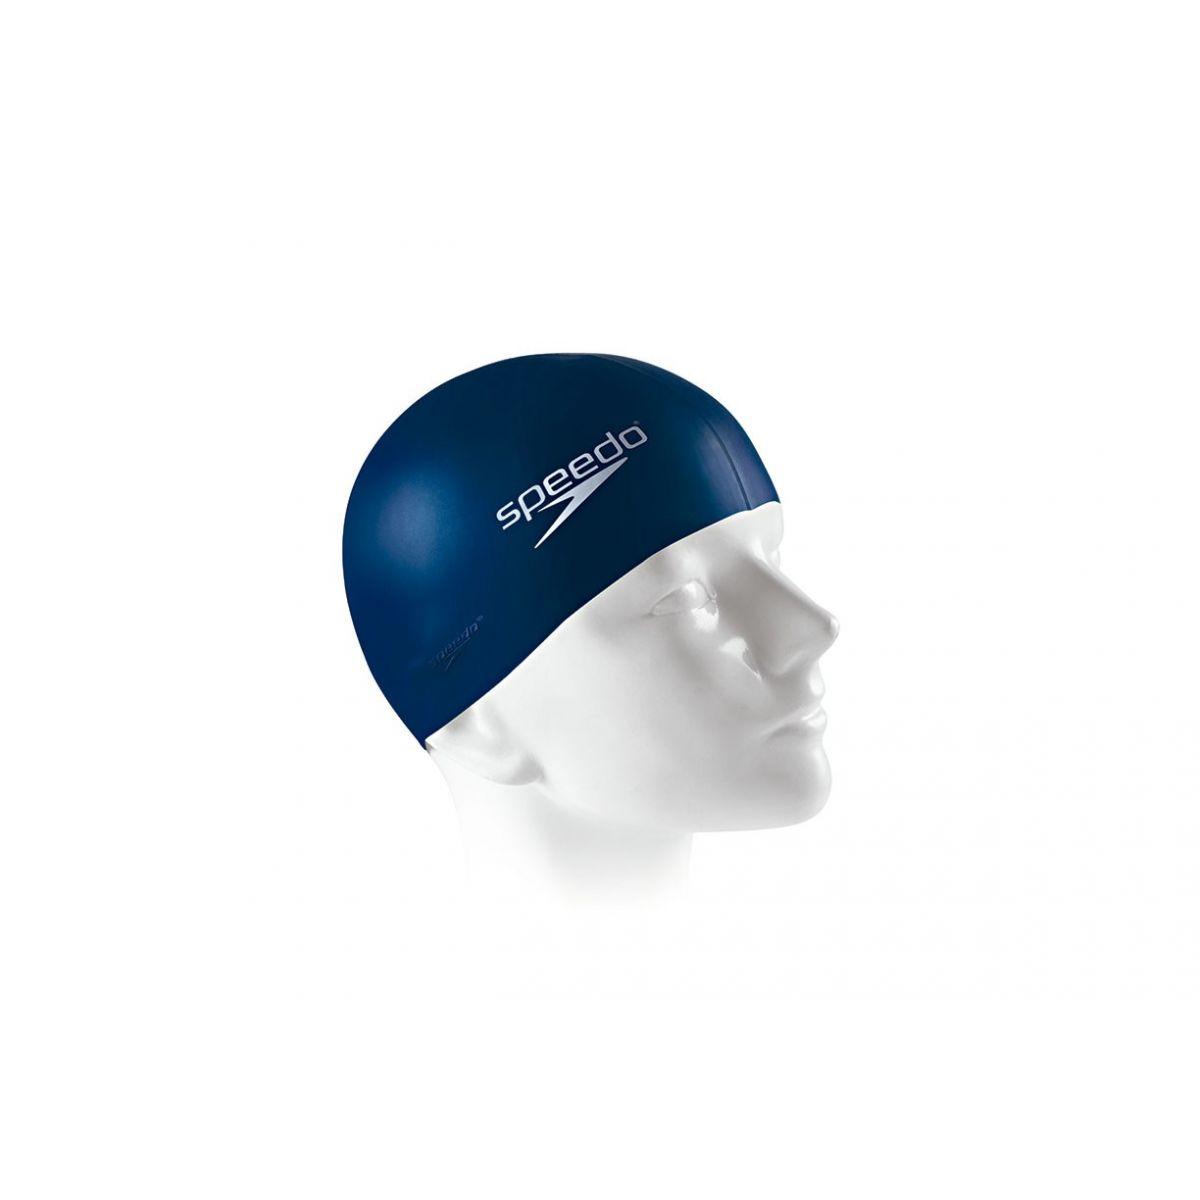 Touca Lisa de Natação Flat Swim Cap Adulto em Silicone Cor Azul Marinho - Speedo